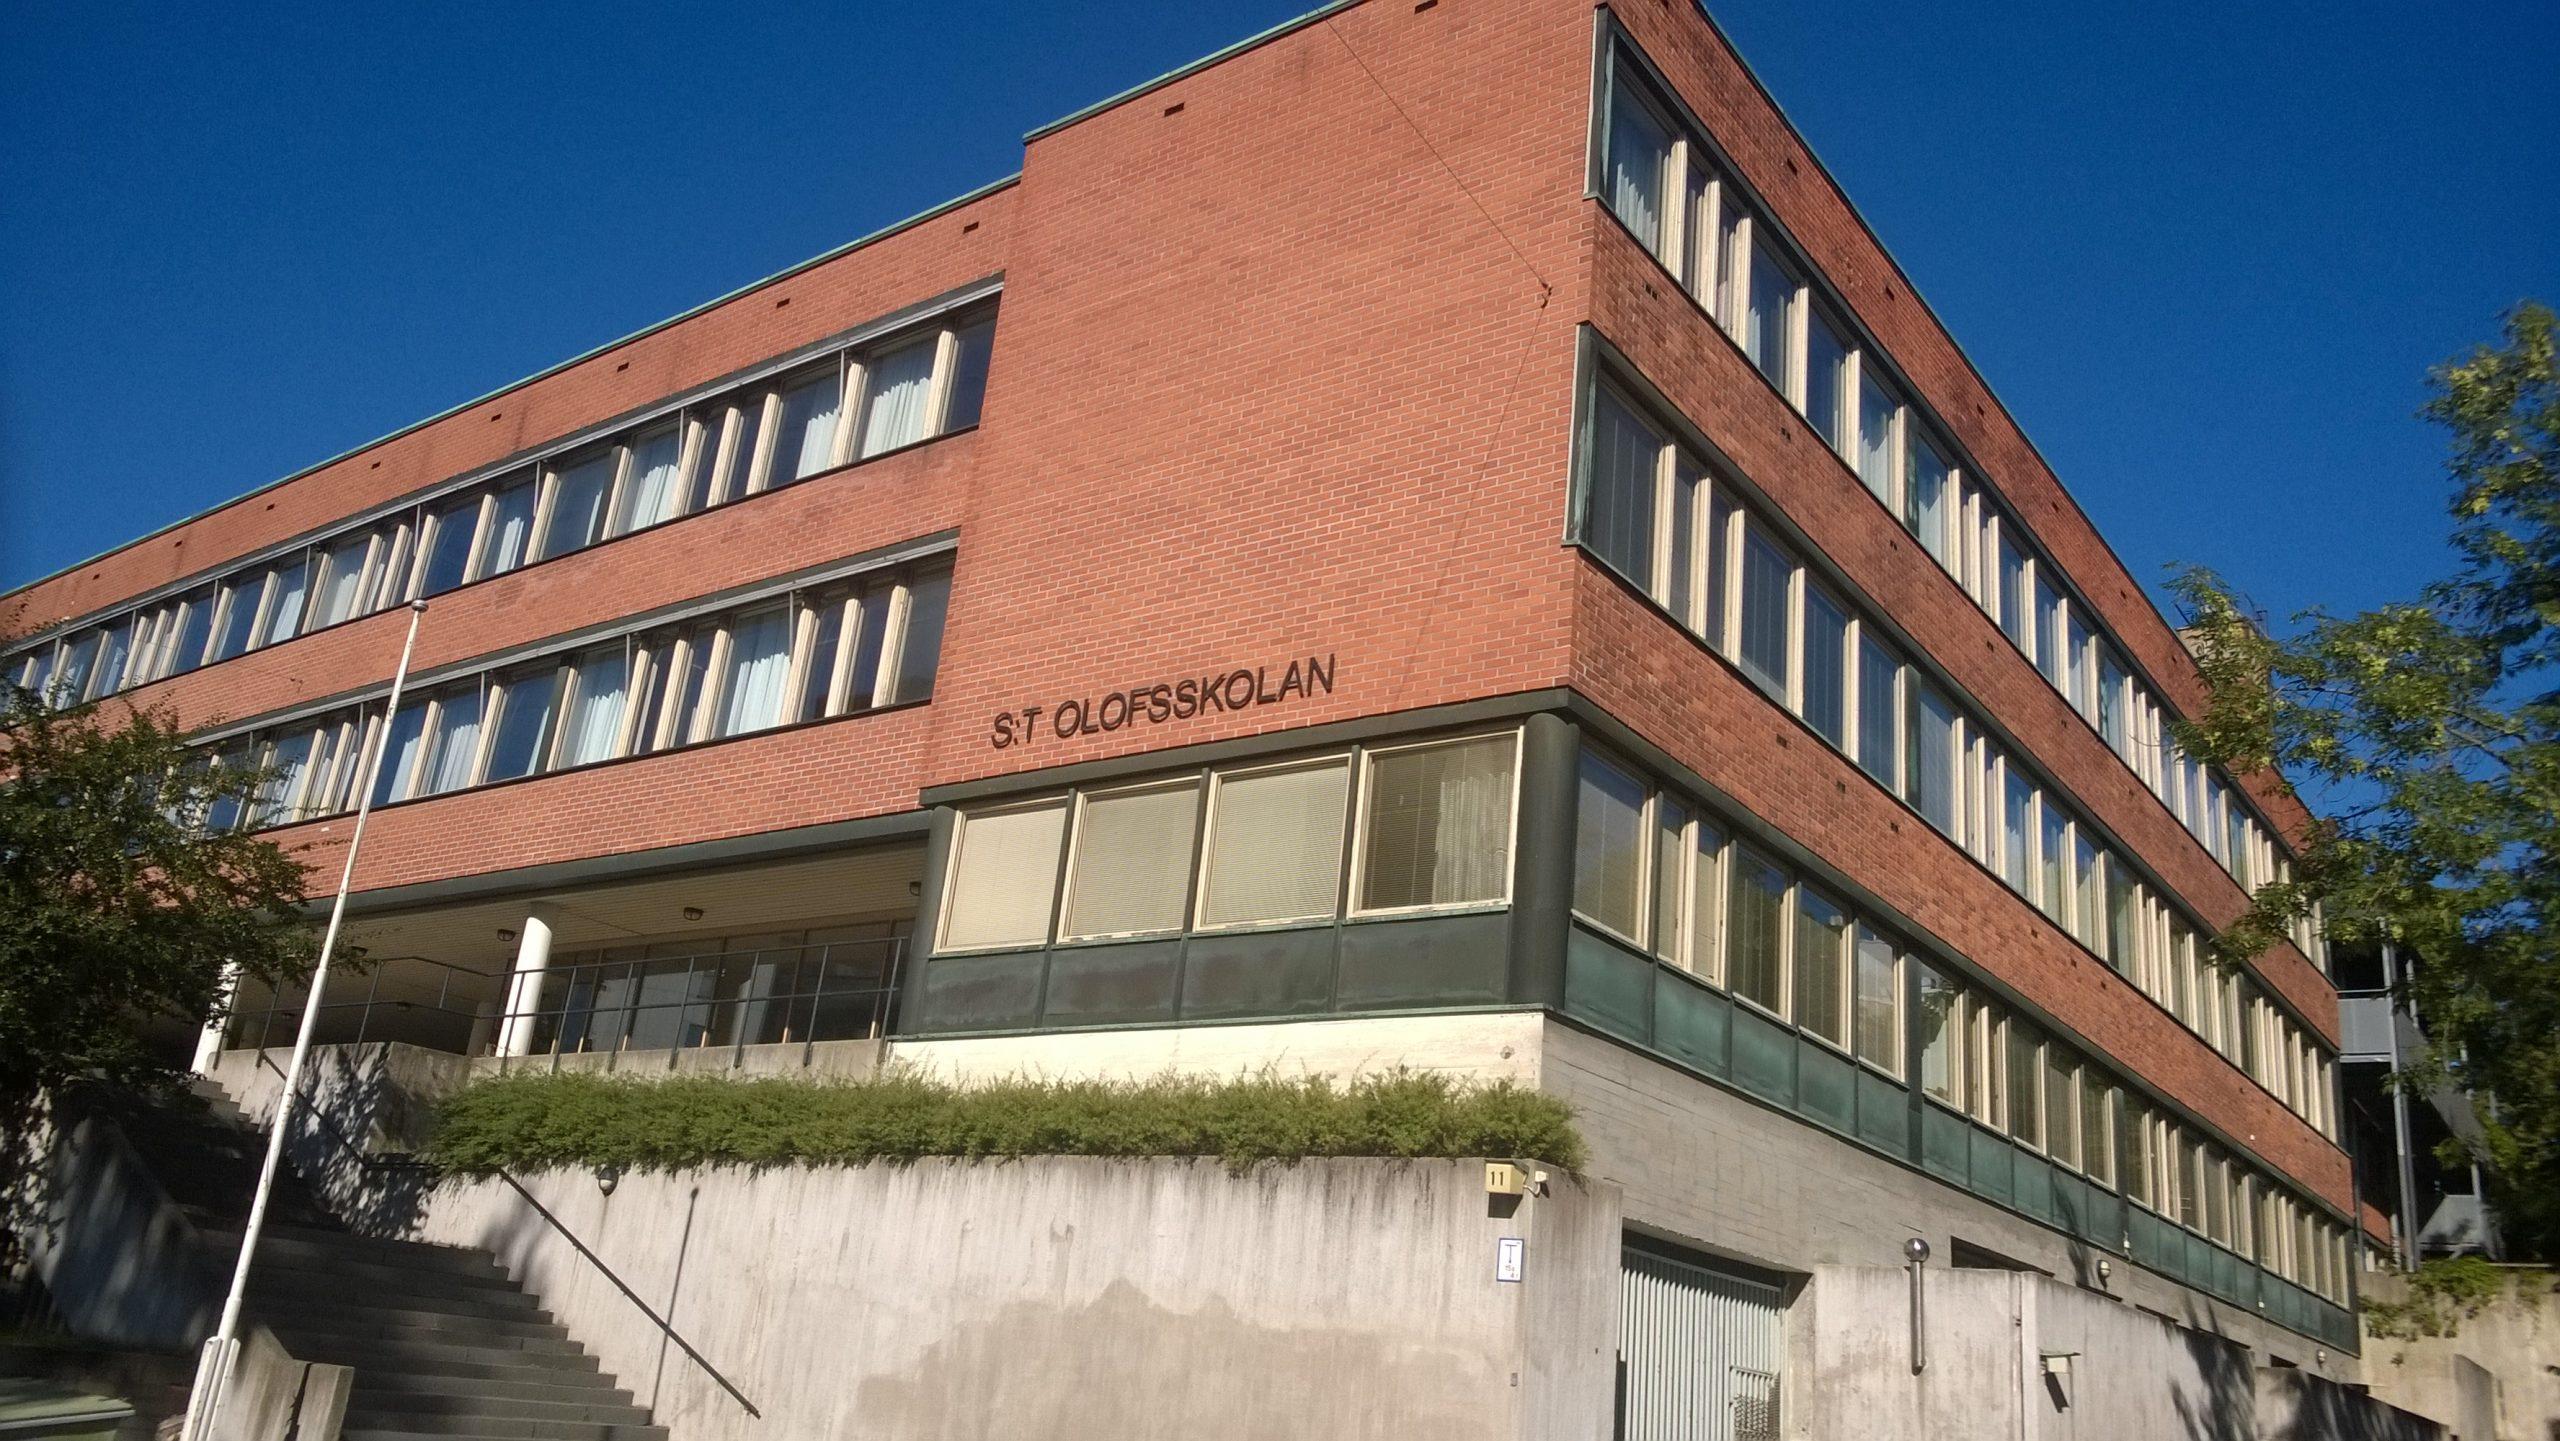 St. Olofsskolan, Åbo